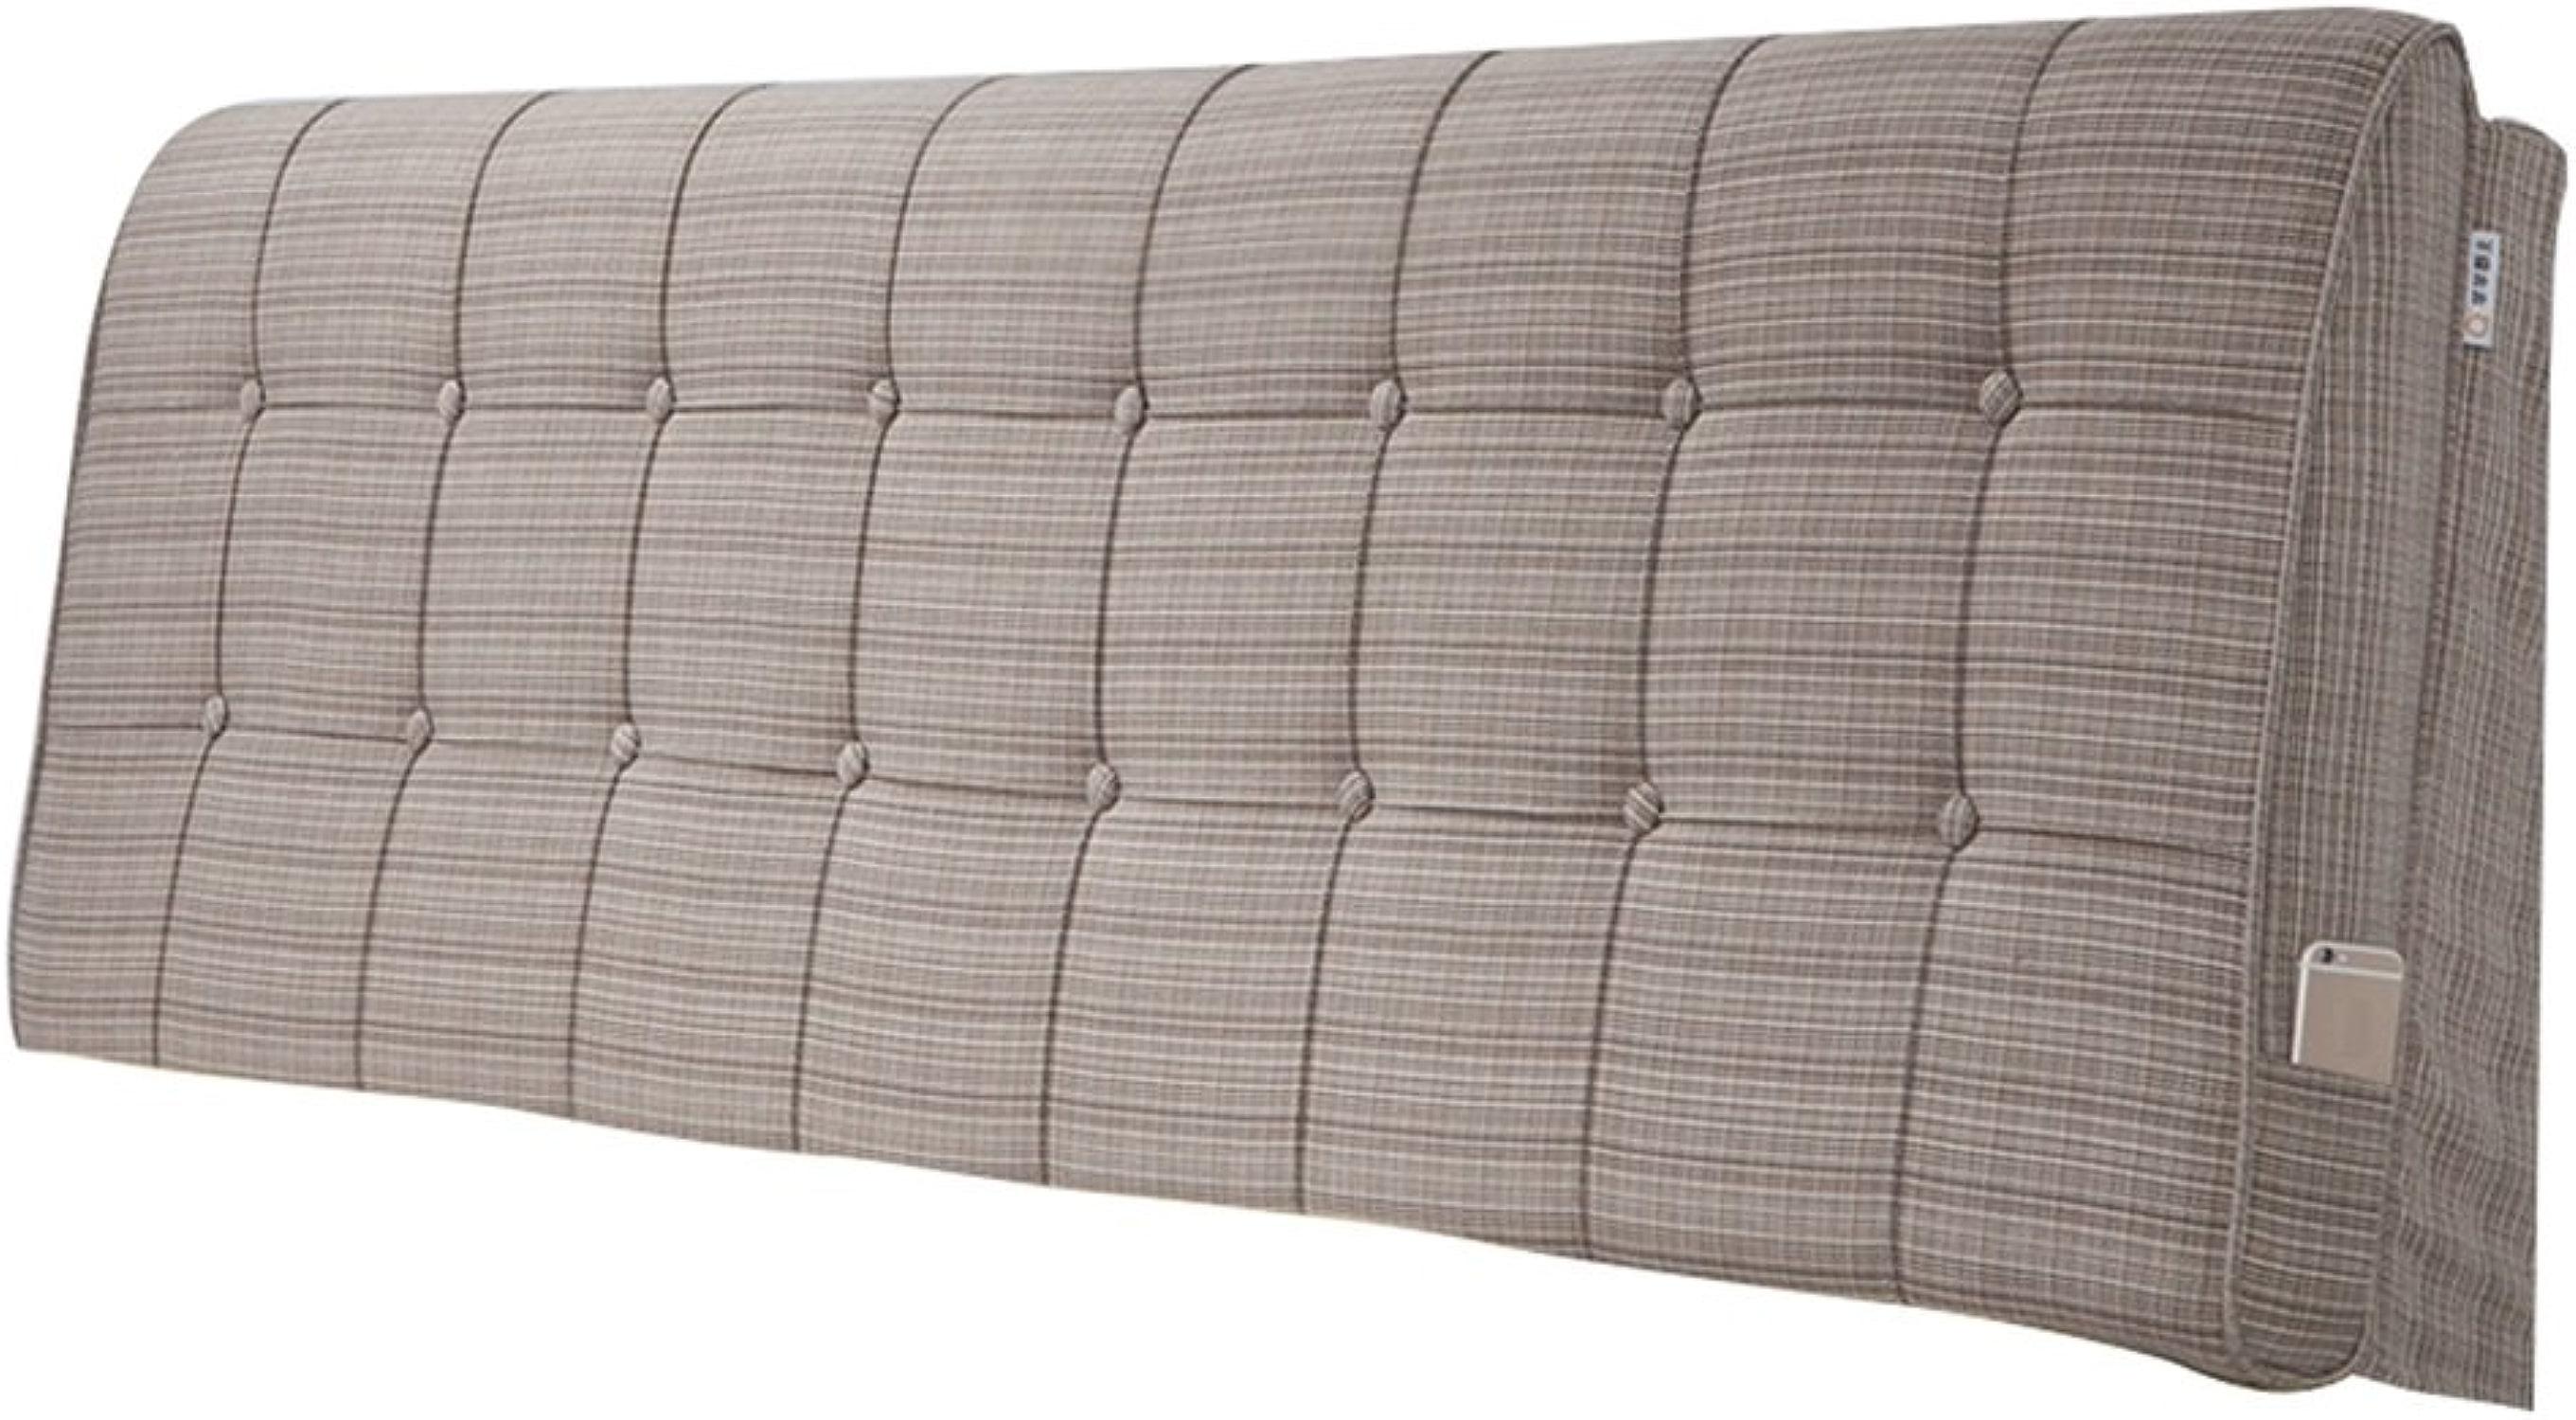 Tête de lit triangle oreiller arrière coussin grand dossier pour le lit chevet canapé Softcase oreiller unique double lit king oreiller coussin lombaire (marron)